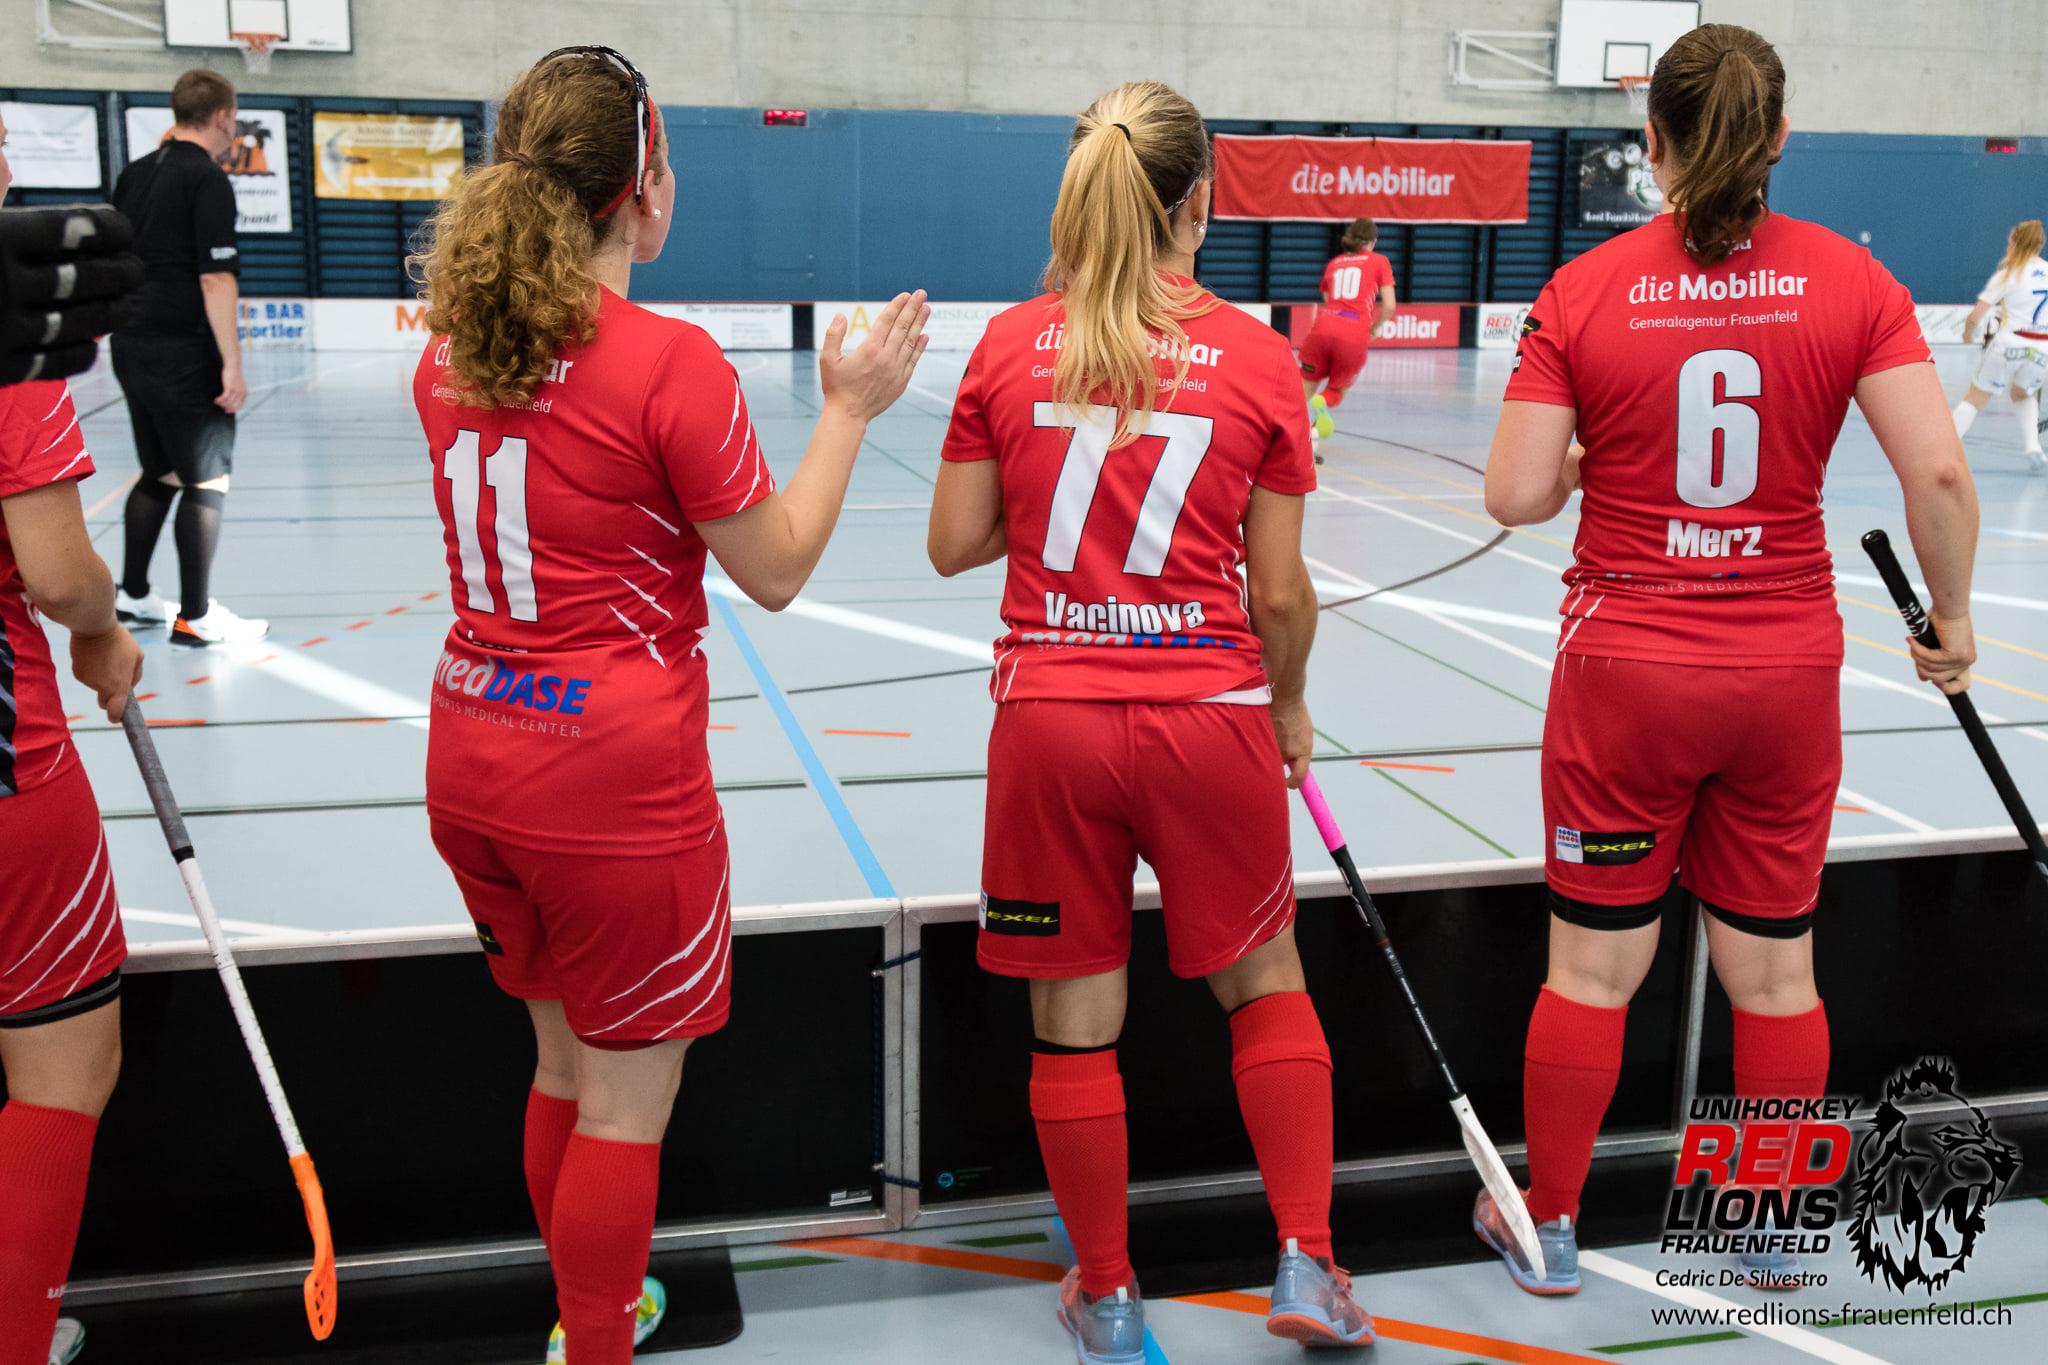 RED LIONS ZIEHEN IN NÄCHSTE CUP-RUNDE EIN